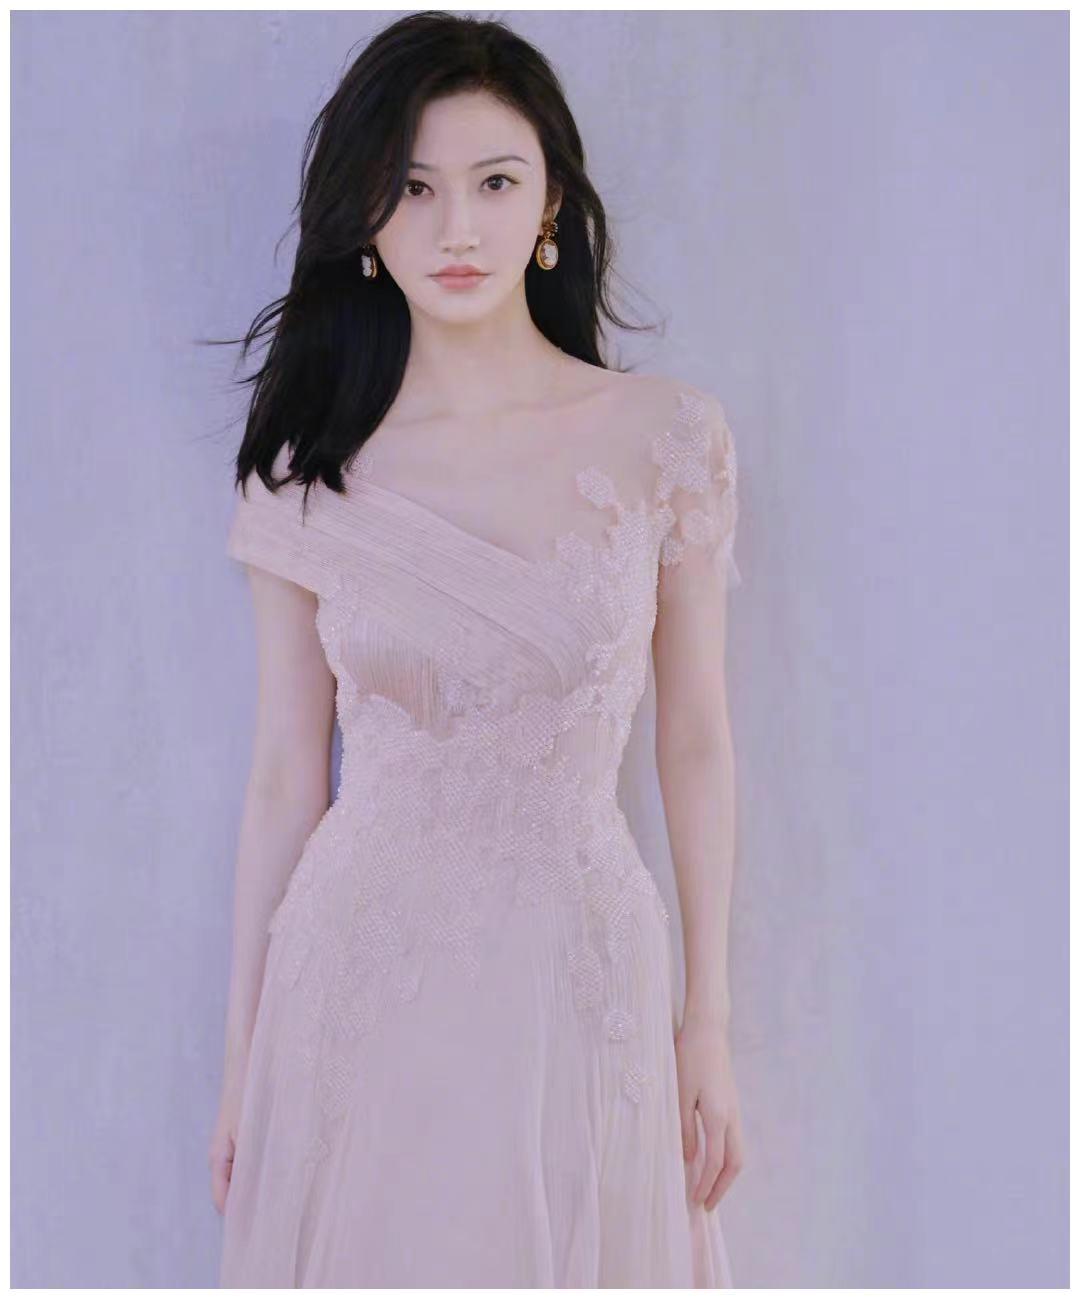 景甜樱花粉长裙, 甜美迷人,更显优雅